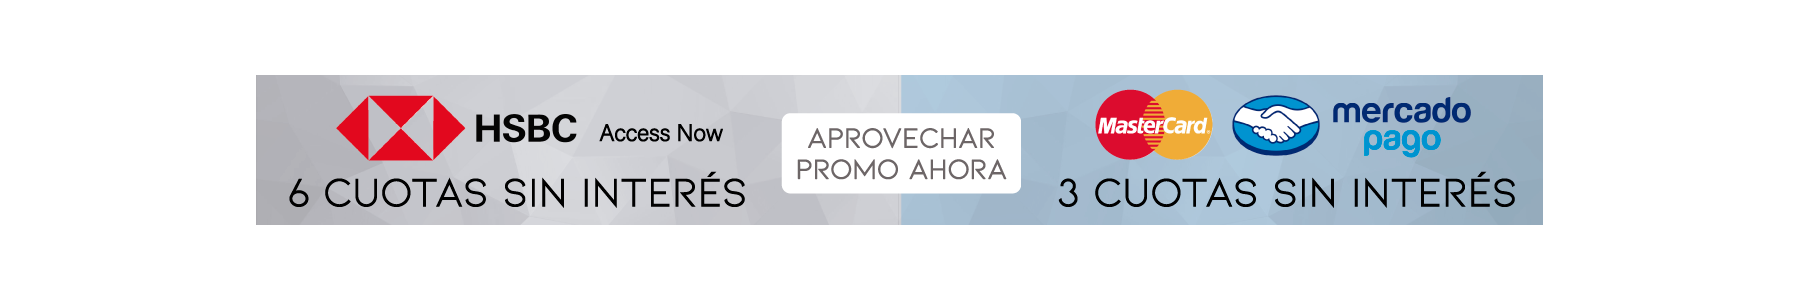 Cuchas y Camas para Perros - Comprá Online 5% Off y Delivery Gratis